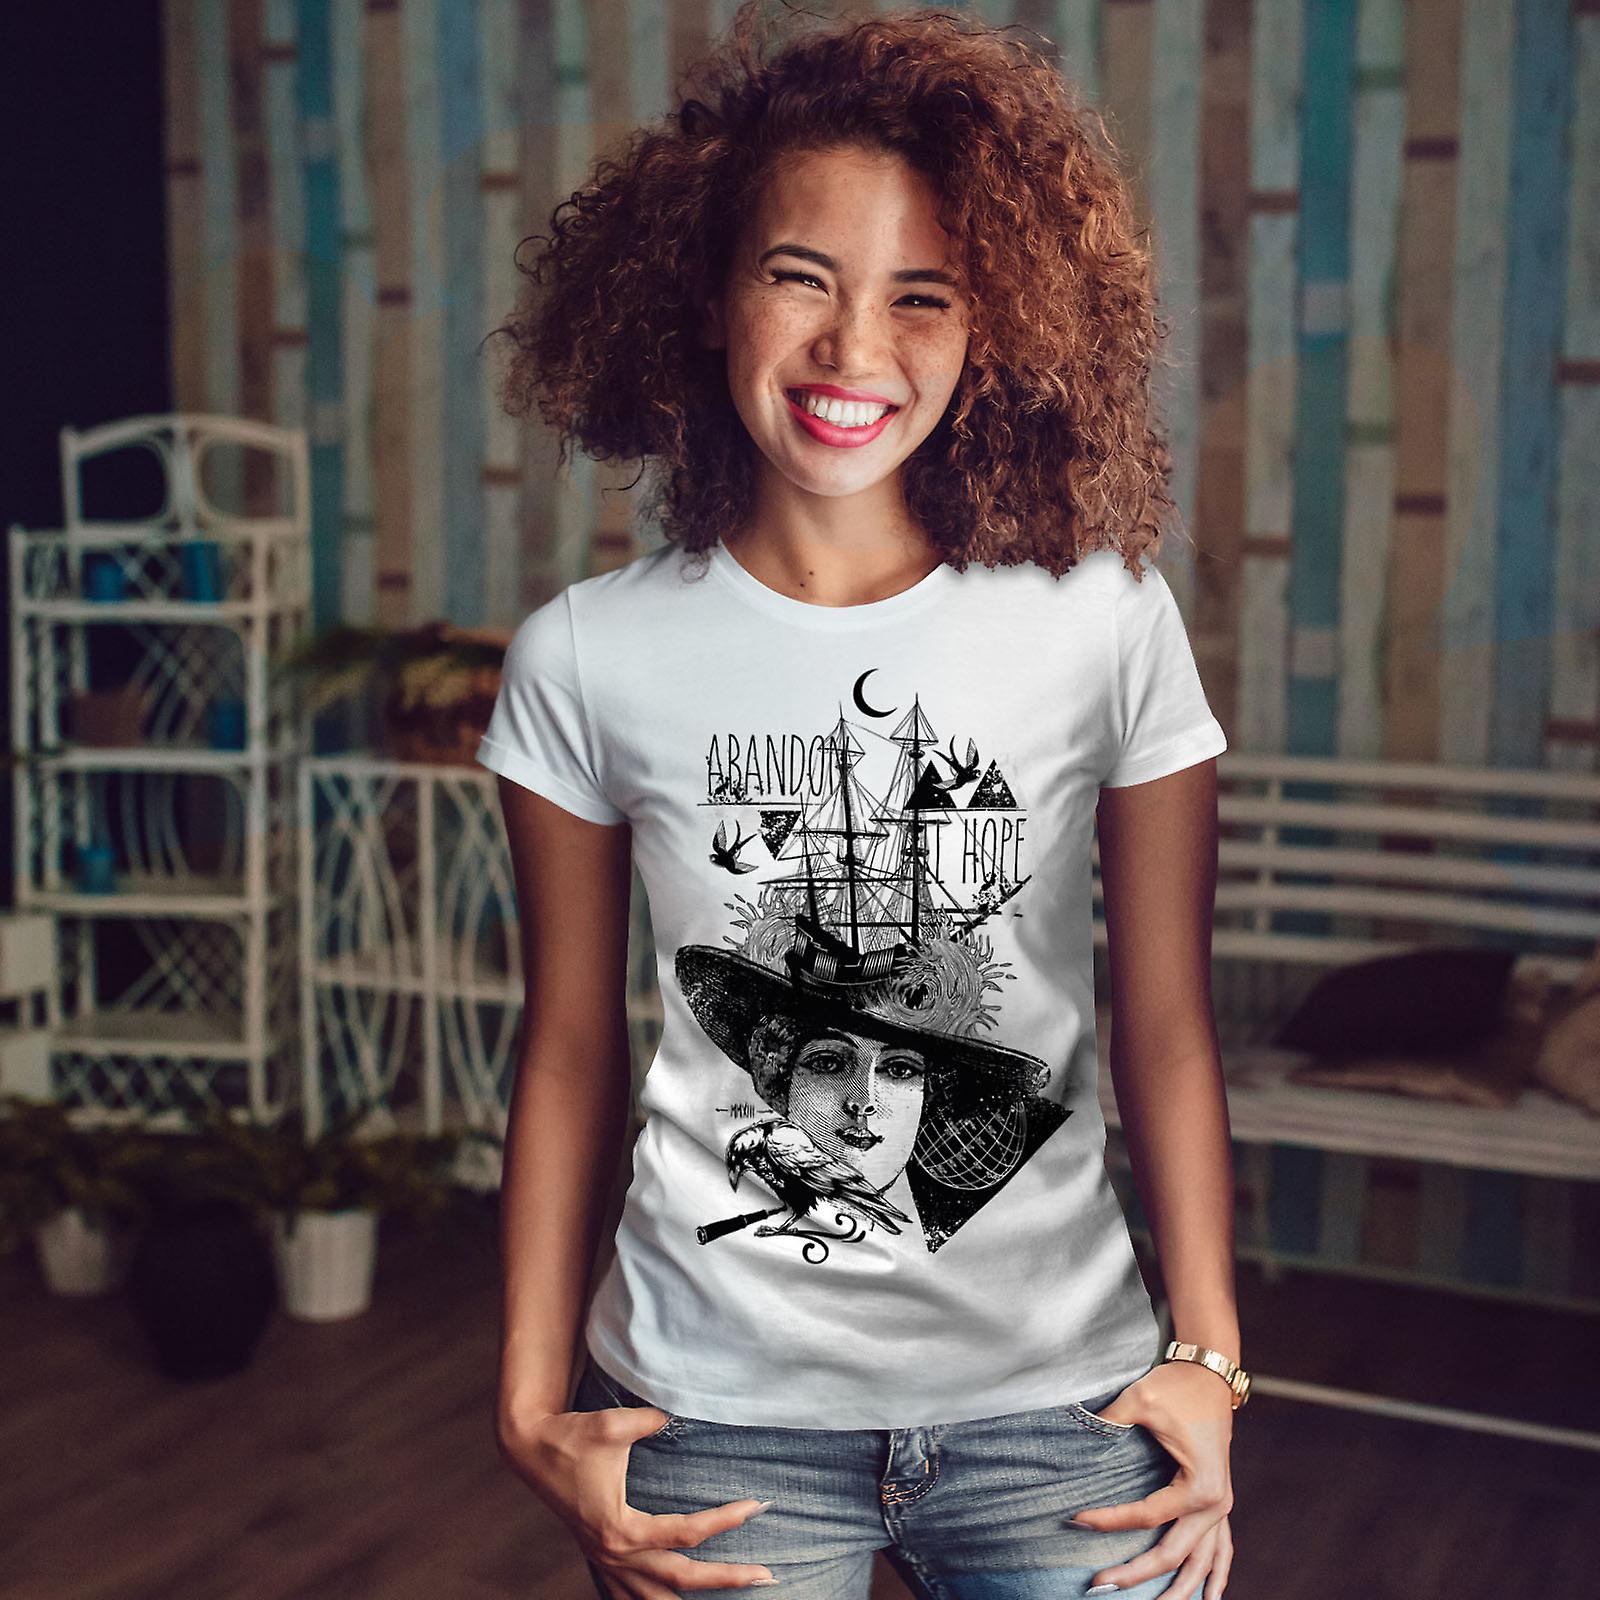 Abandonner tout espoir femmes WhiteT-shirt | Wellcoda